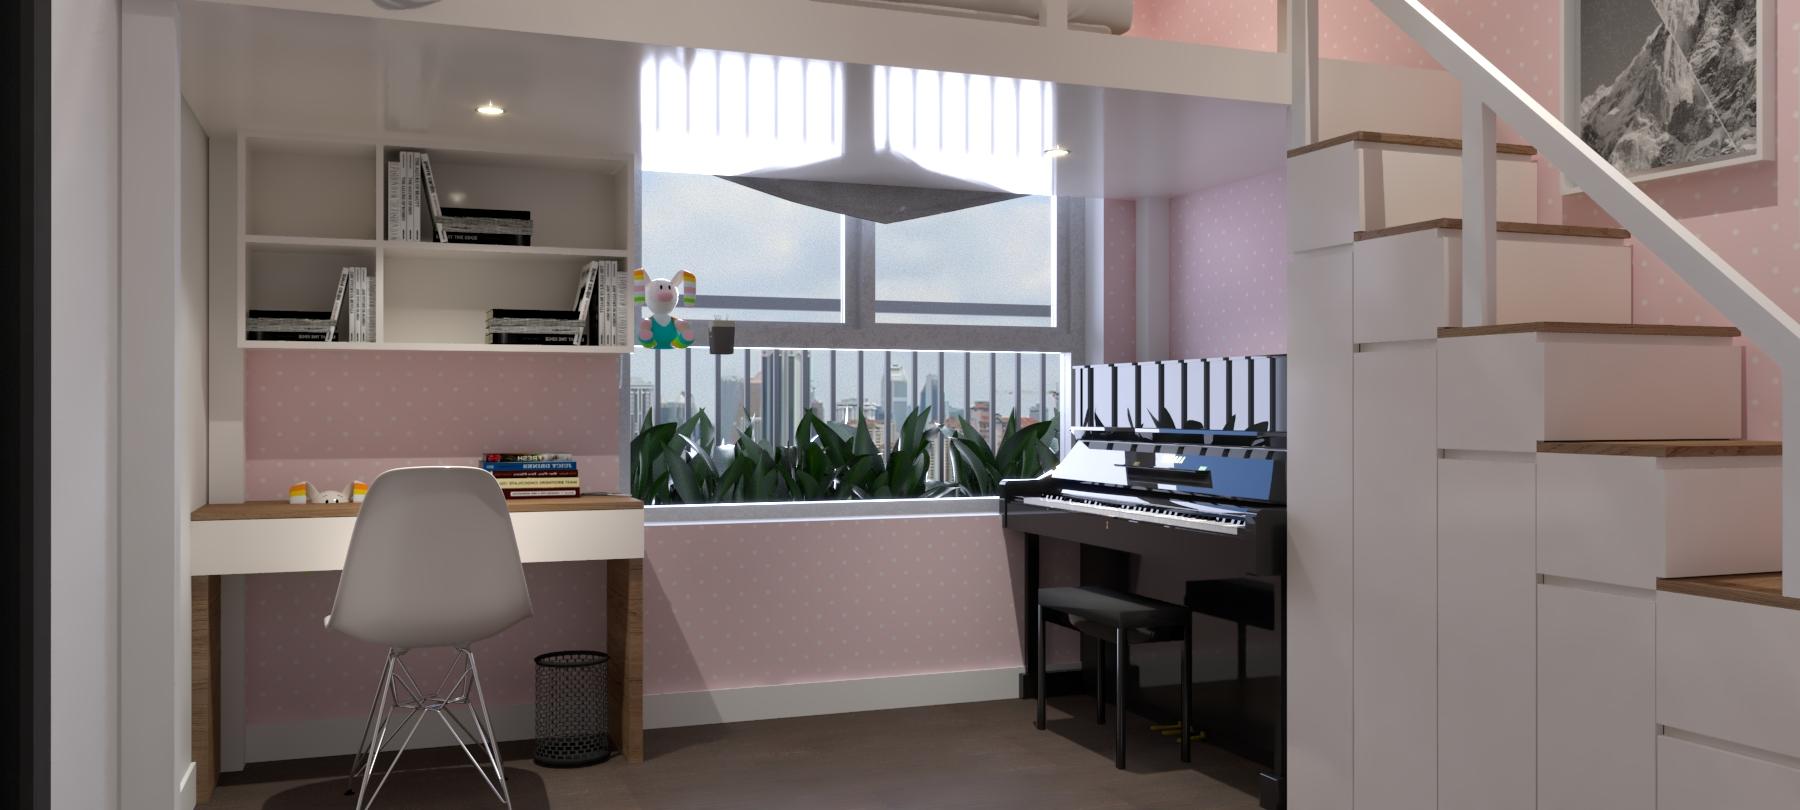 Thiết kế nội thất Chung Cư tại Hồ Chí Minh Căn hộ Sunrisse 1576570107 5